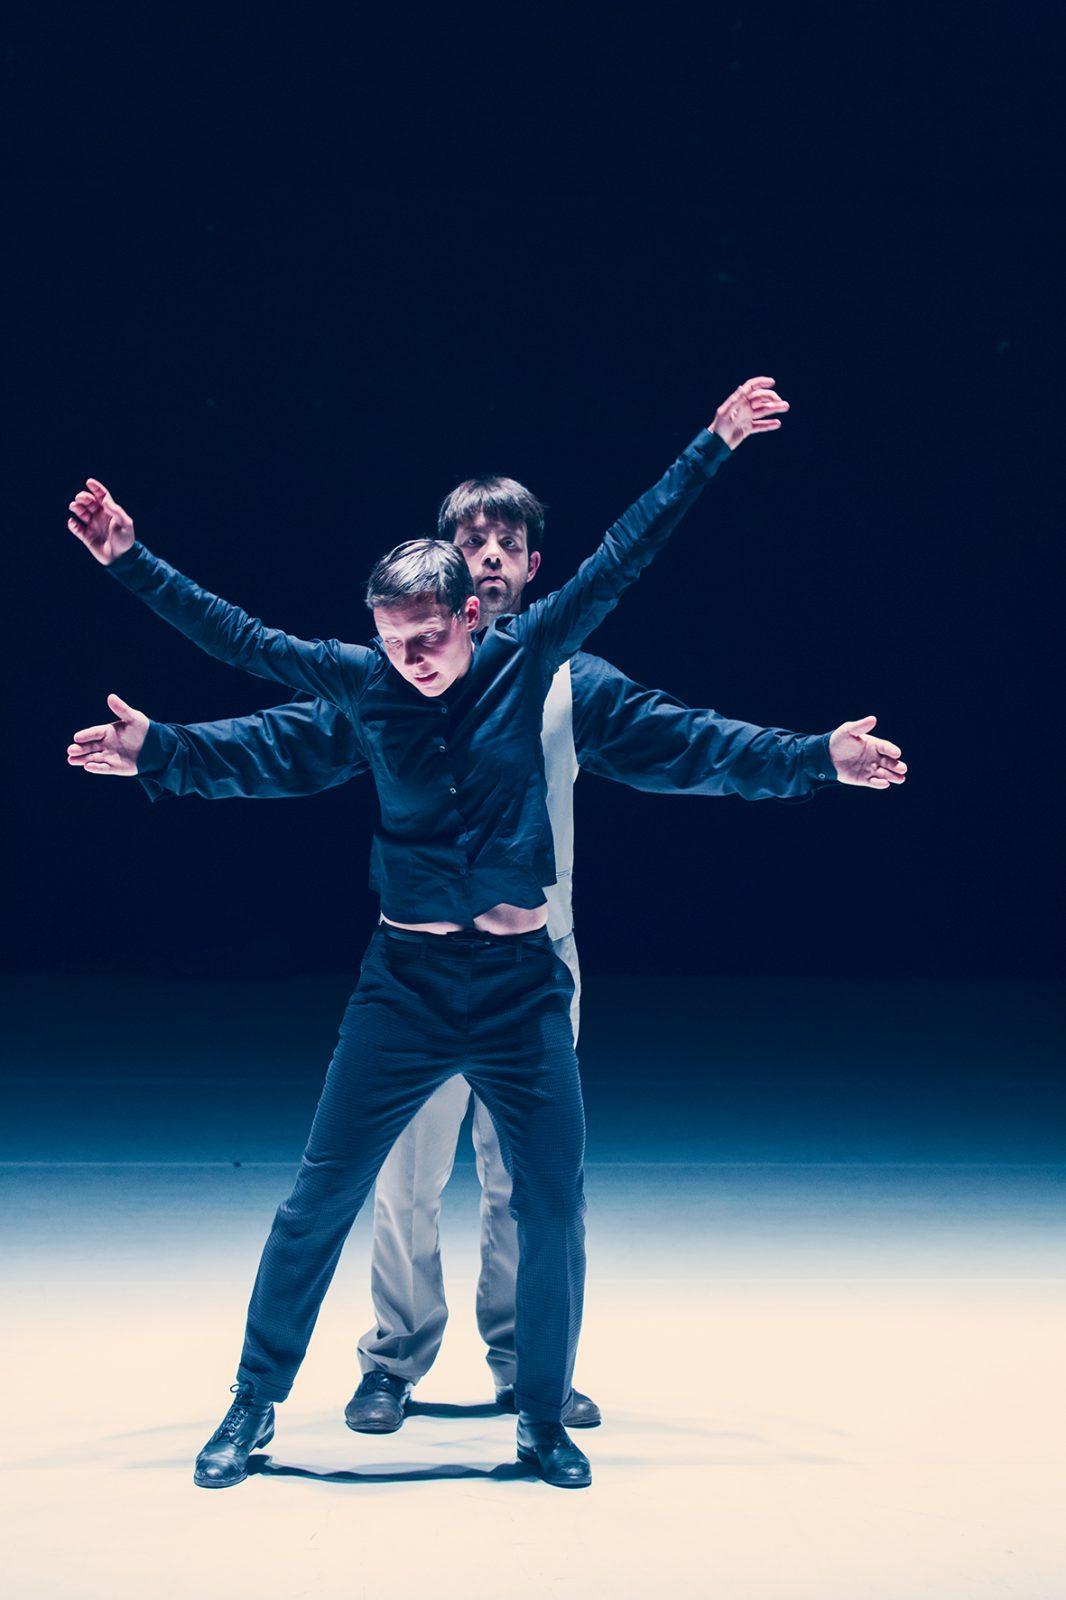 ein Tänzer steht hinter einer Tänzerin mit den Armen zur Seite